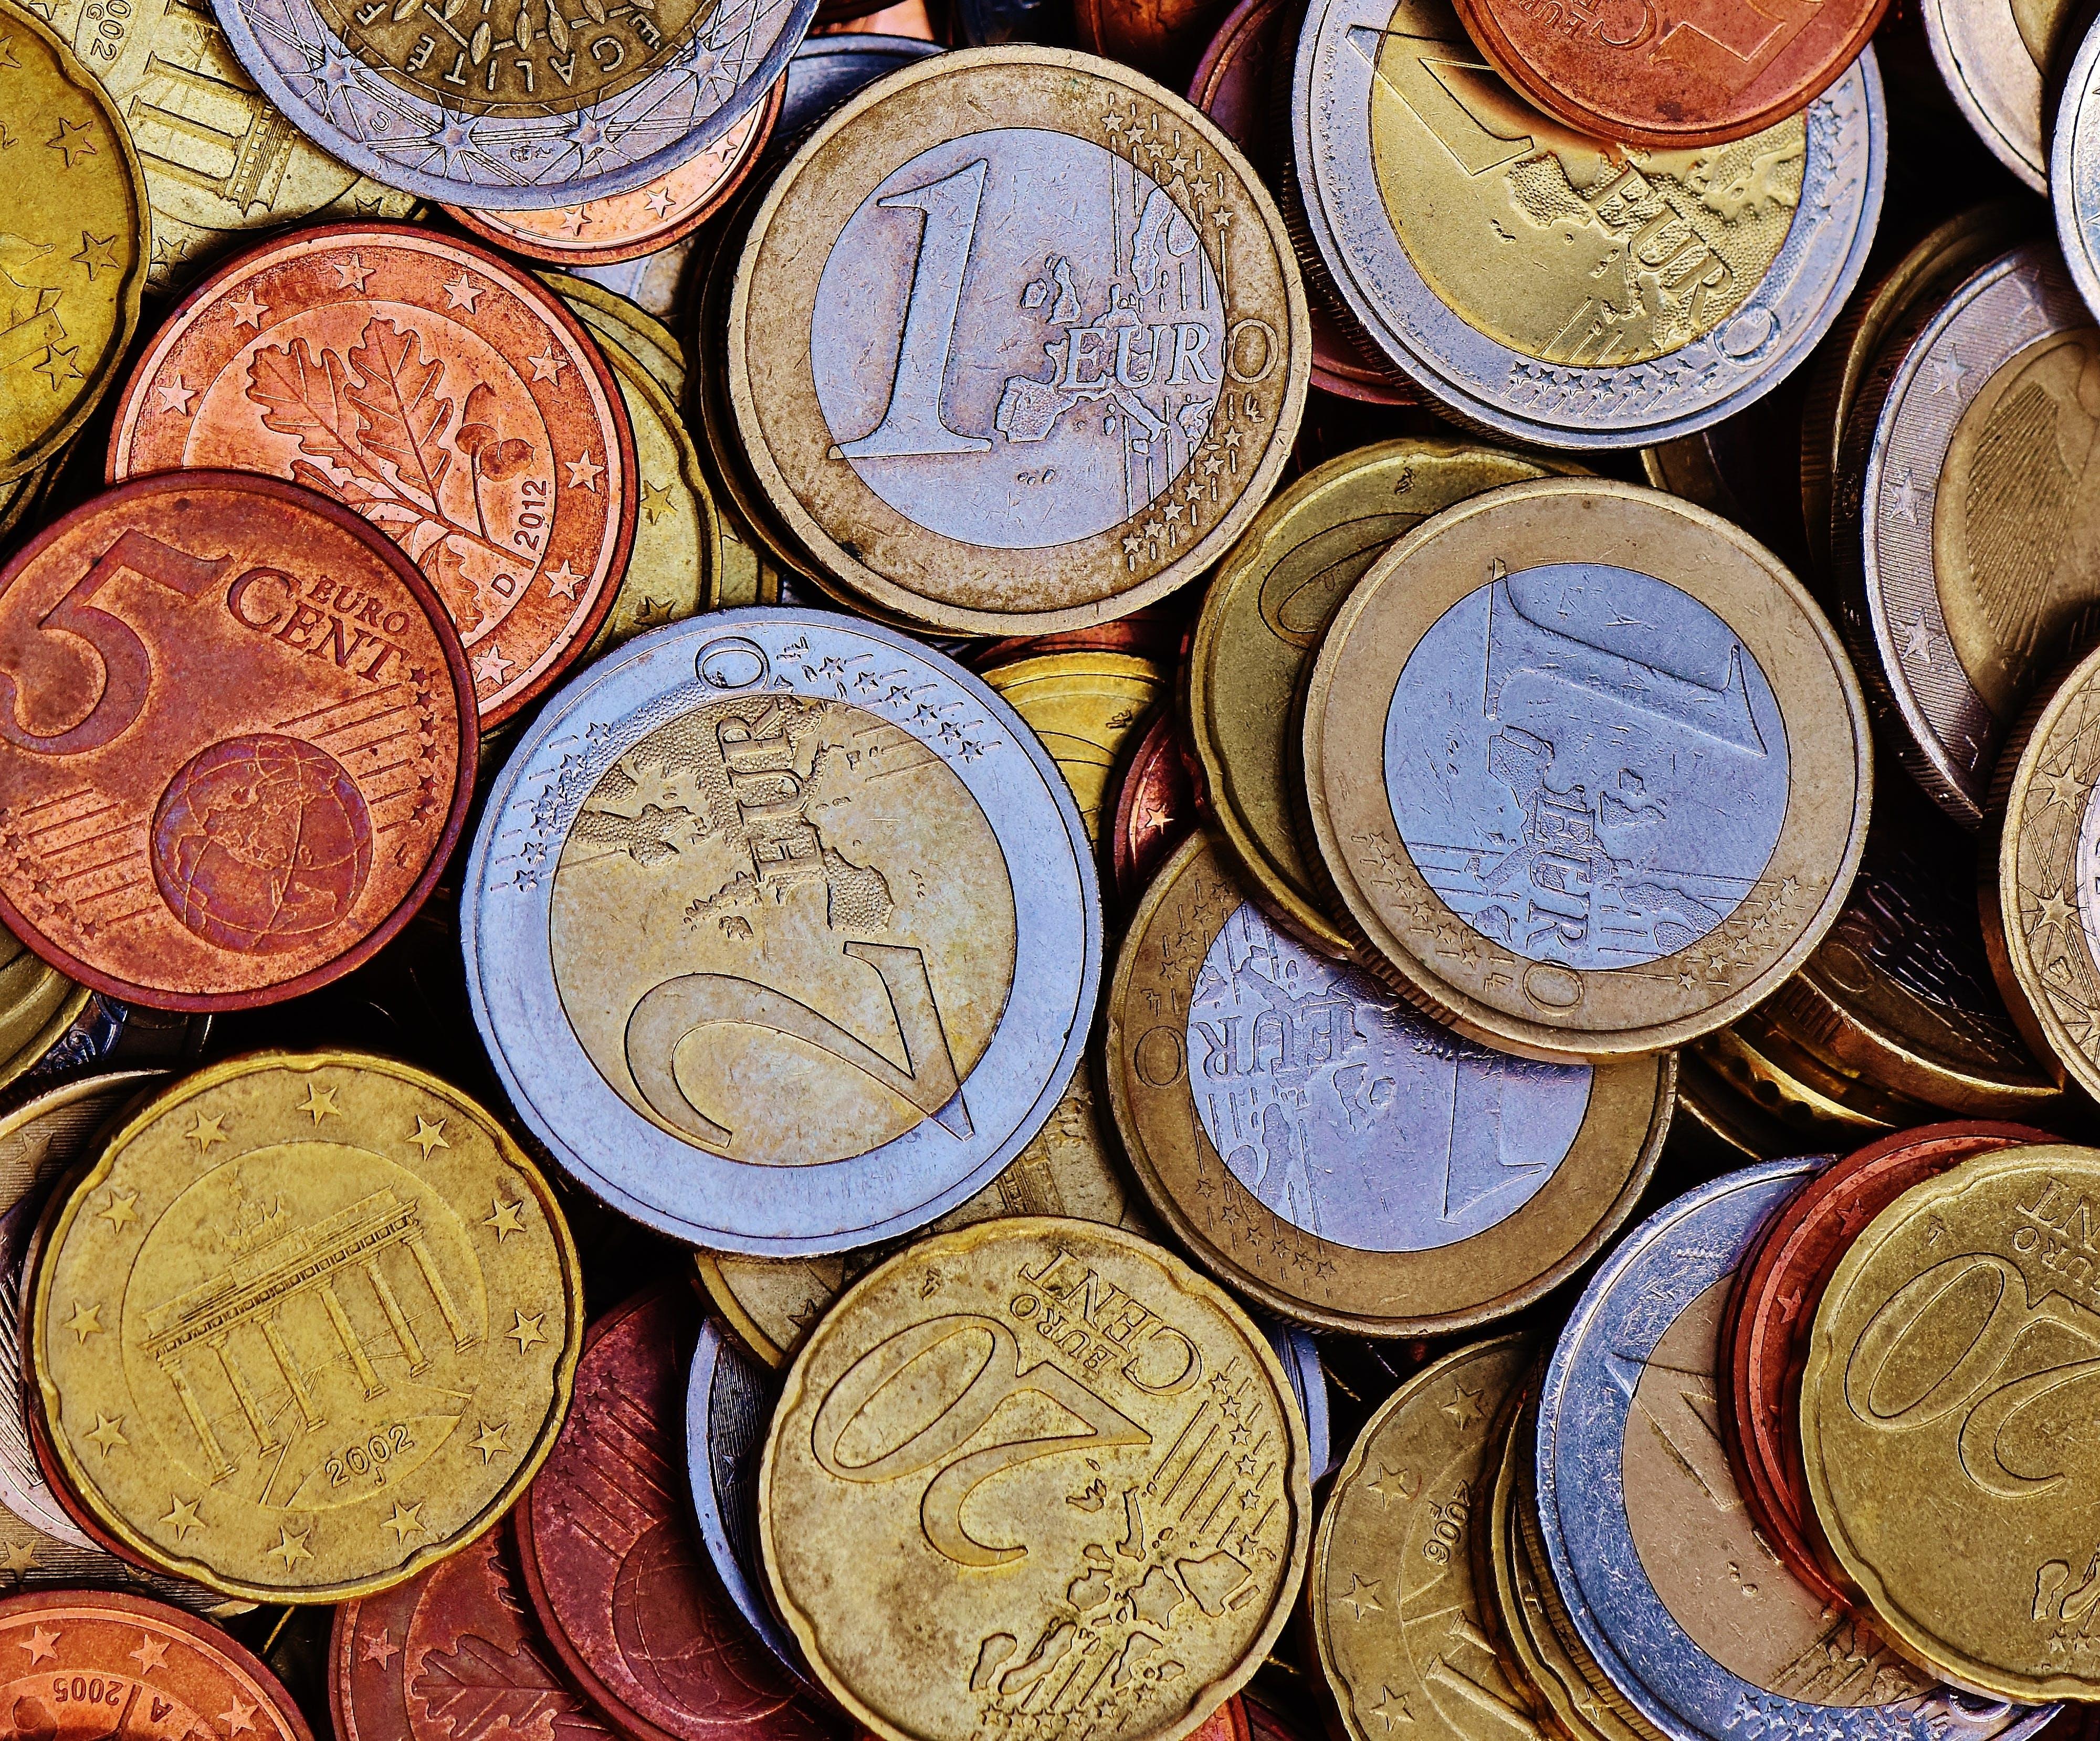 Gratis lagerfoto af â € œmønter, aktie, Bank, cent